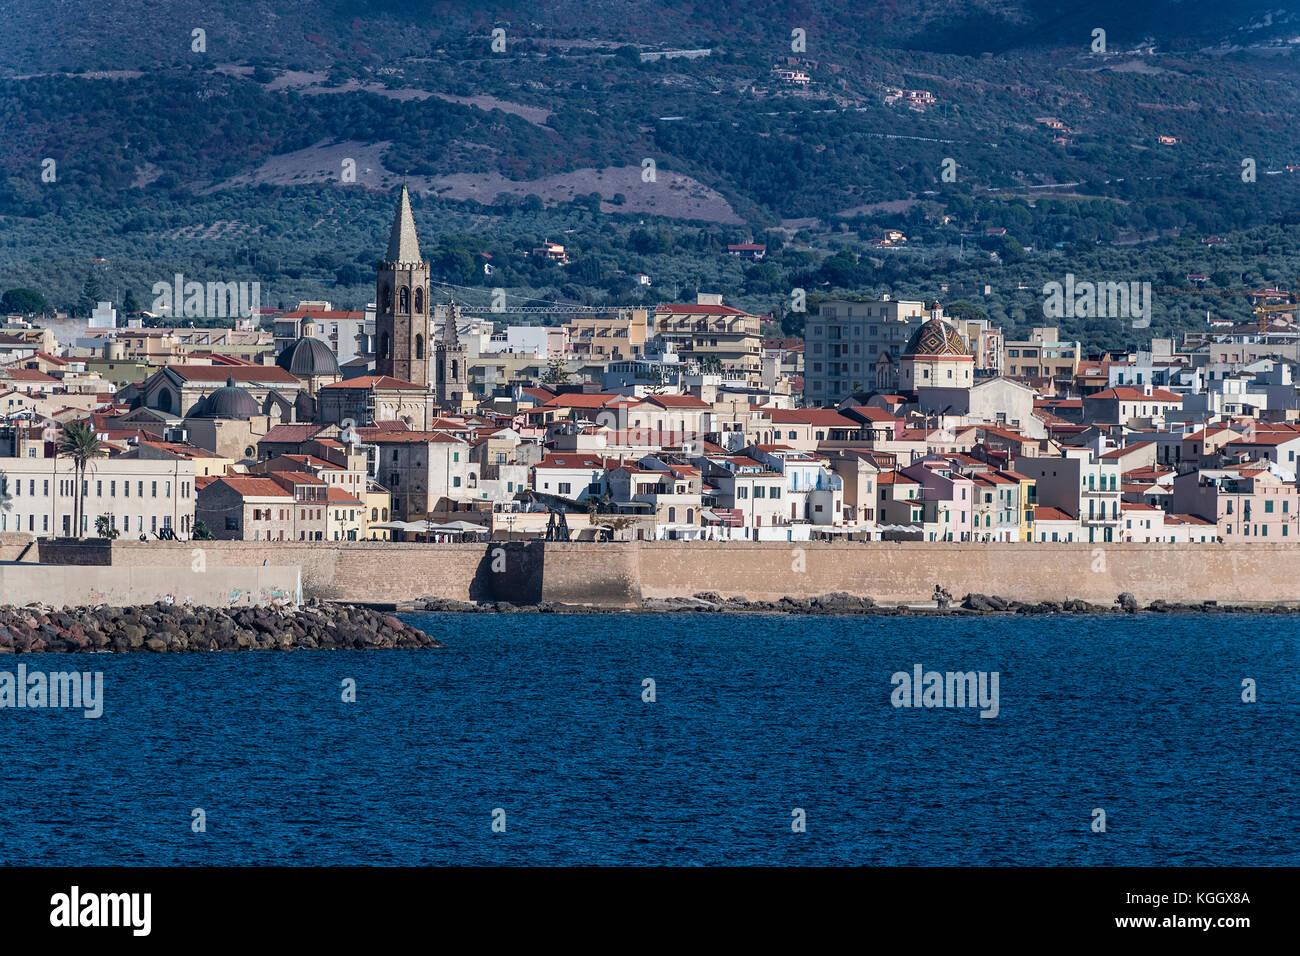 Cityscape of Alghero, Sardinia, Italy - Stock Image